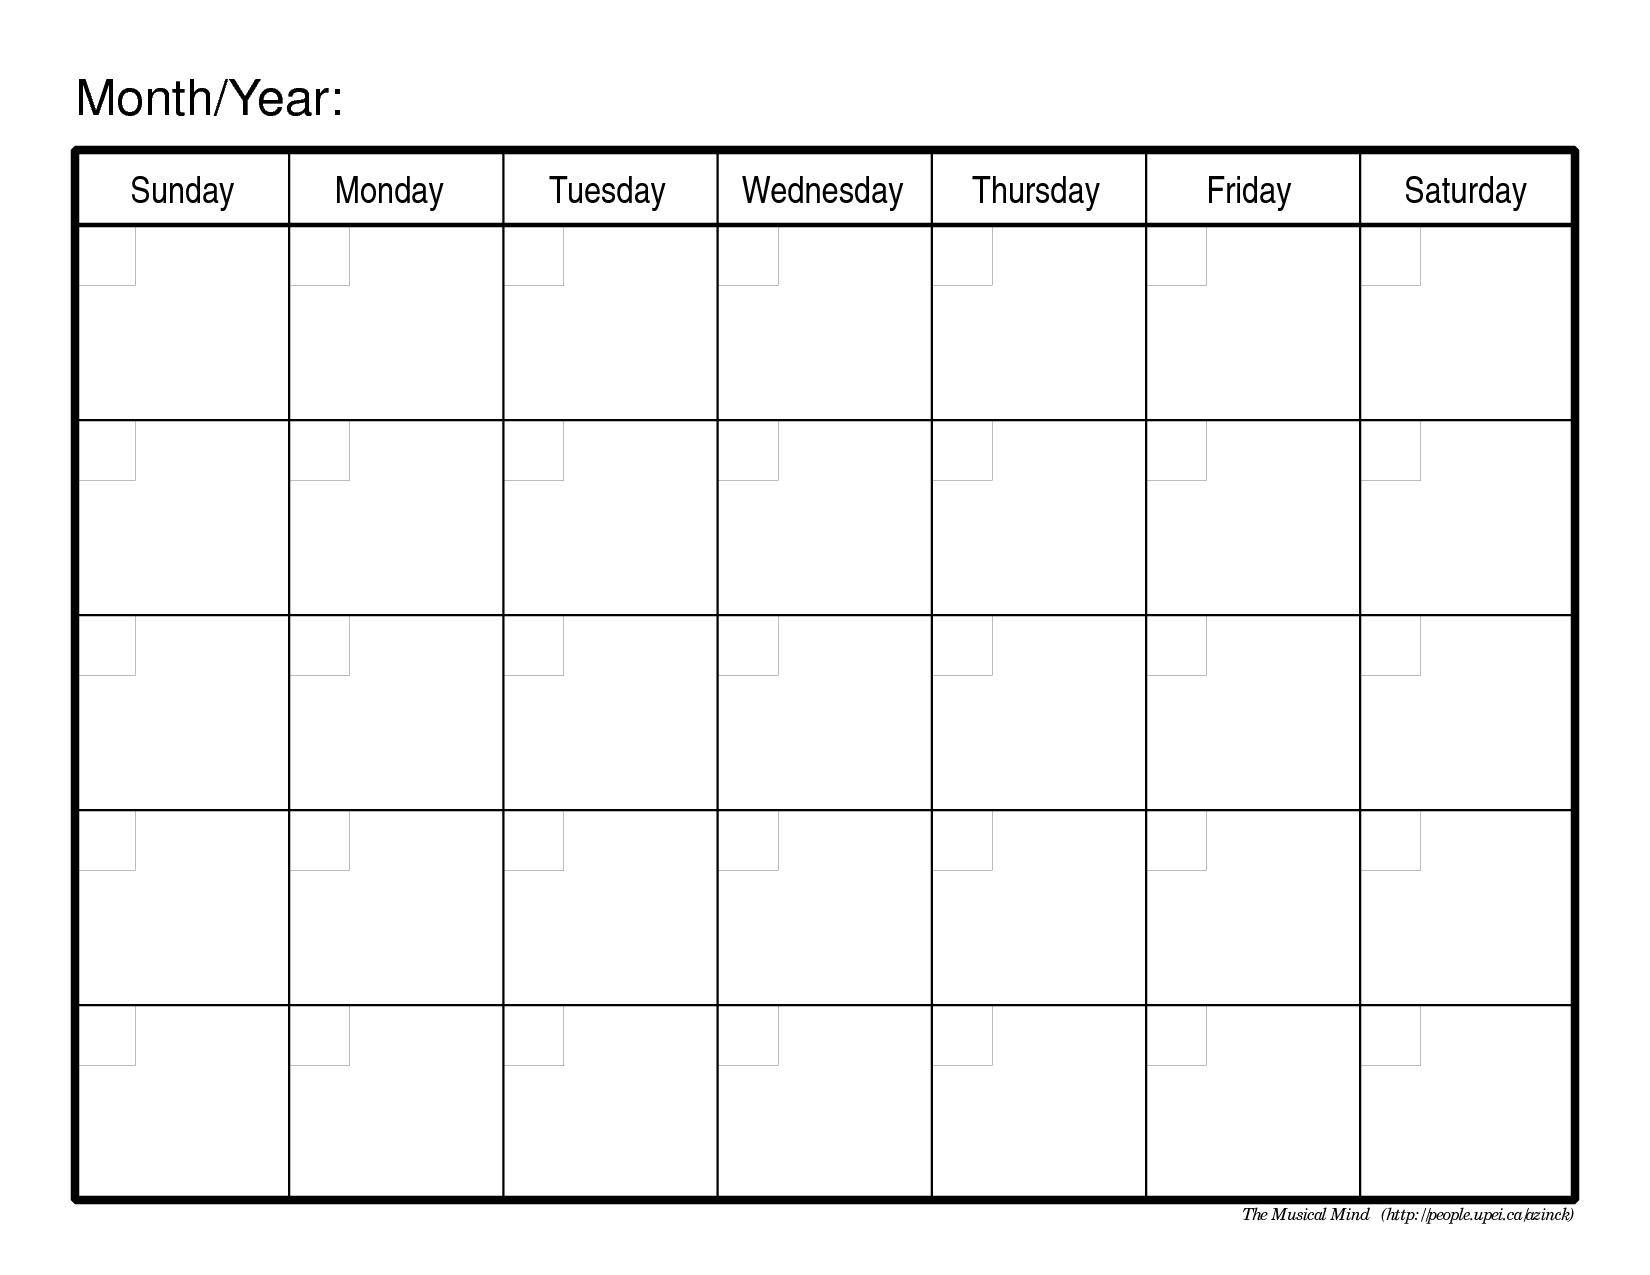 Monthly Calendar Template Monthly Calendar Template3abry